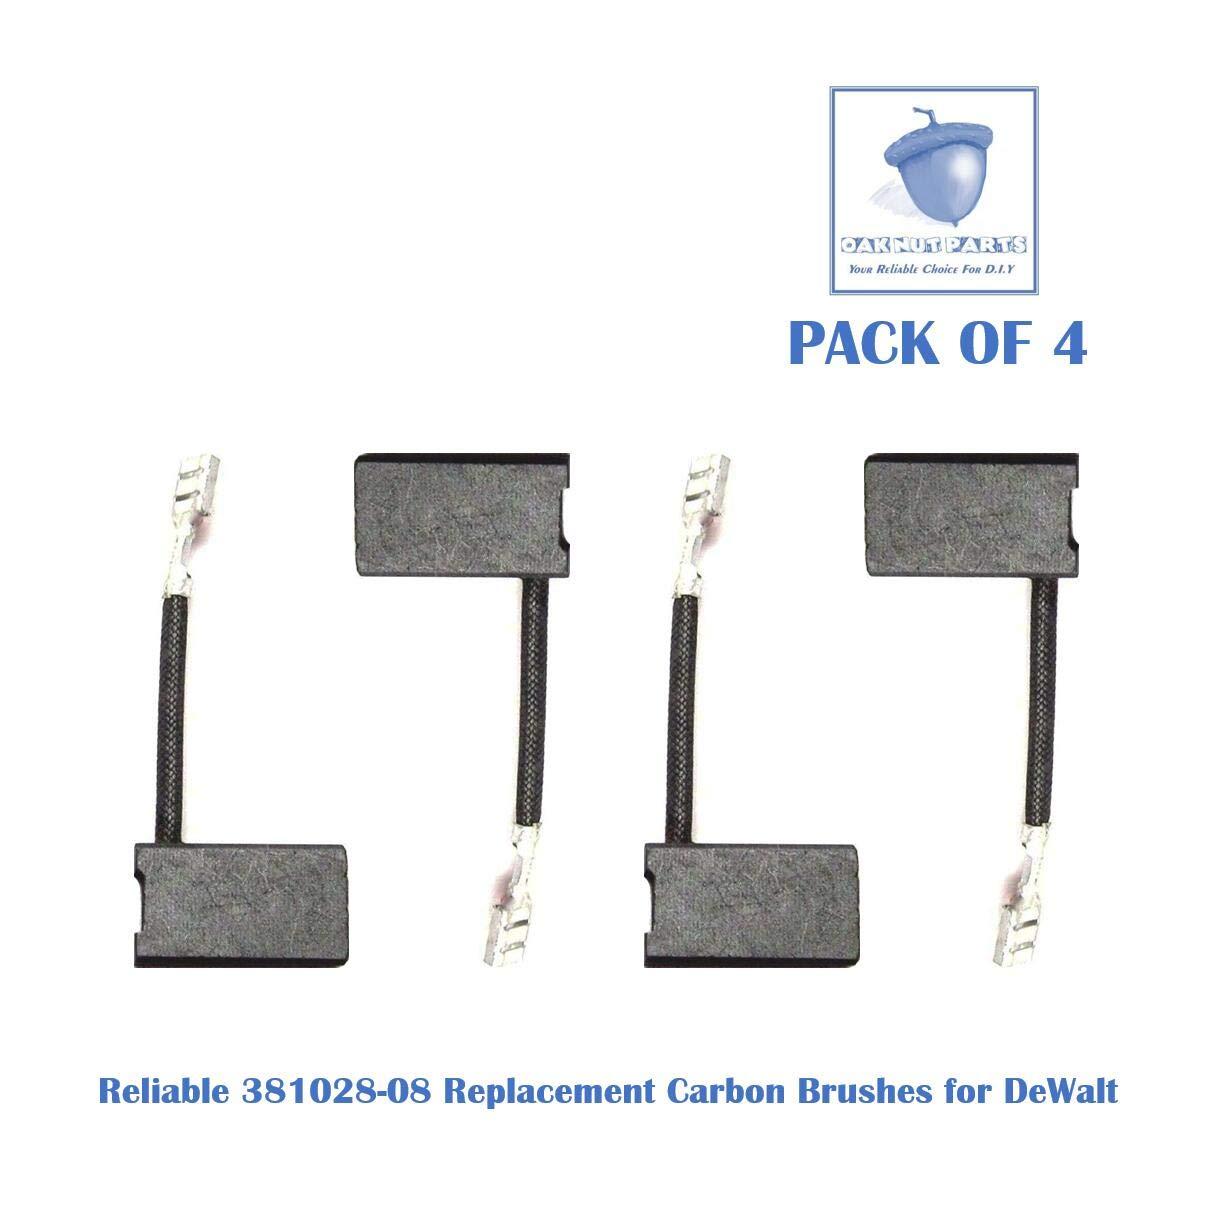 4PCS Reliable 381028-08 Carbon Brush Replacement for DeWalt 381028-08 & 381028-02 -Fits DW717, DW718, DWS780 (4 pcs/pack)